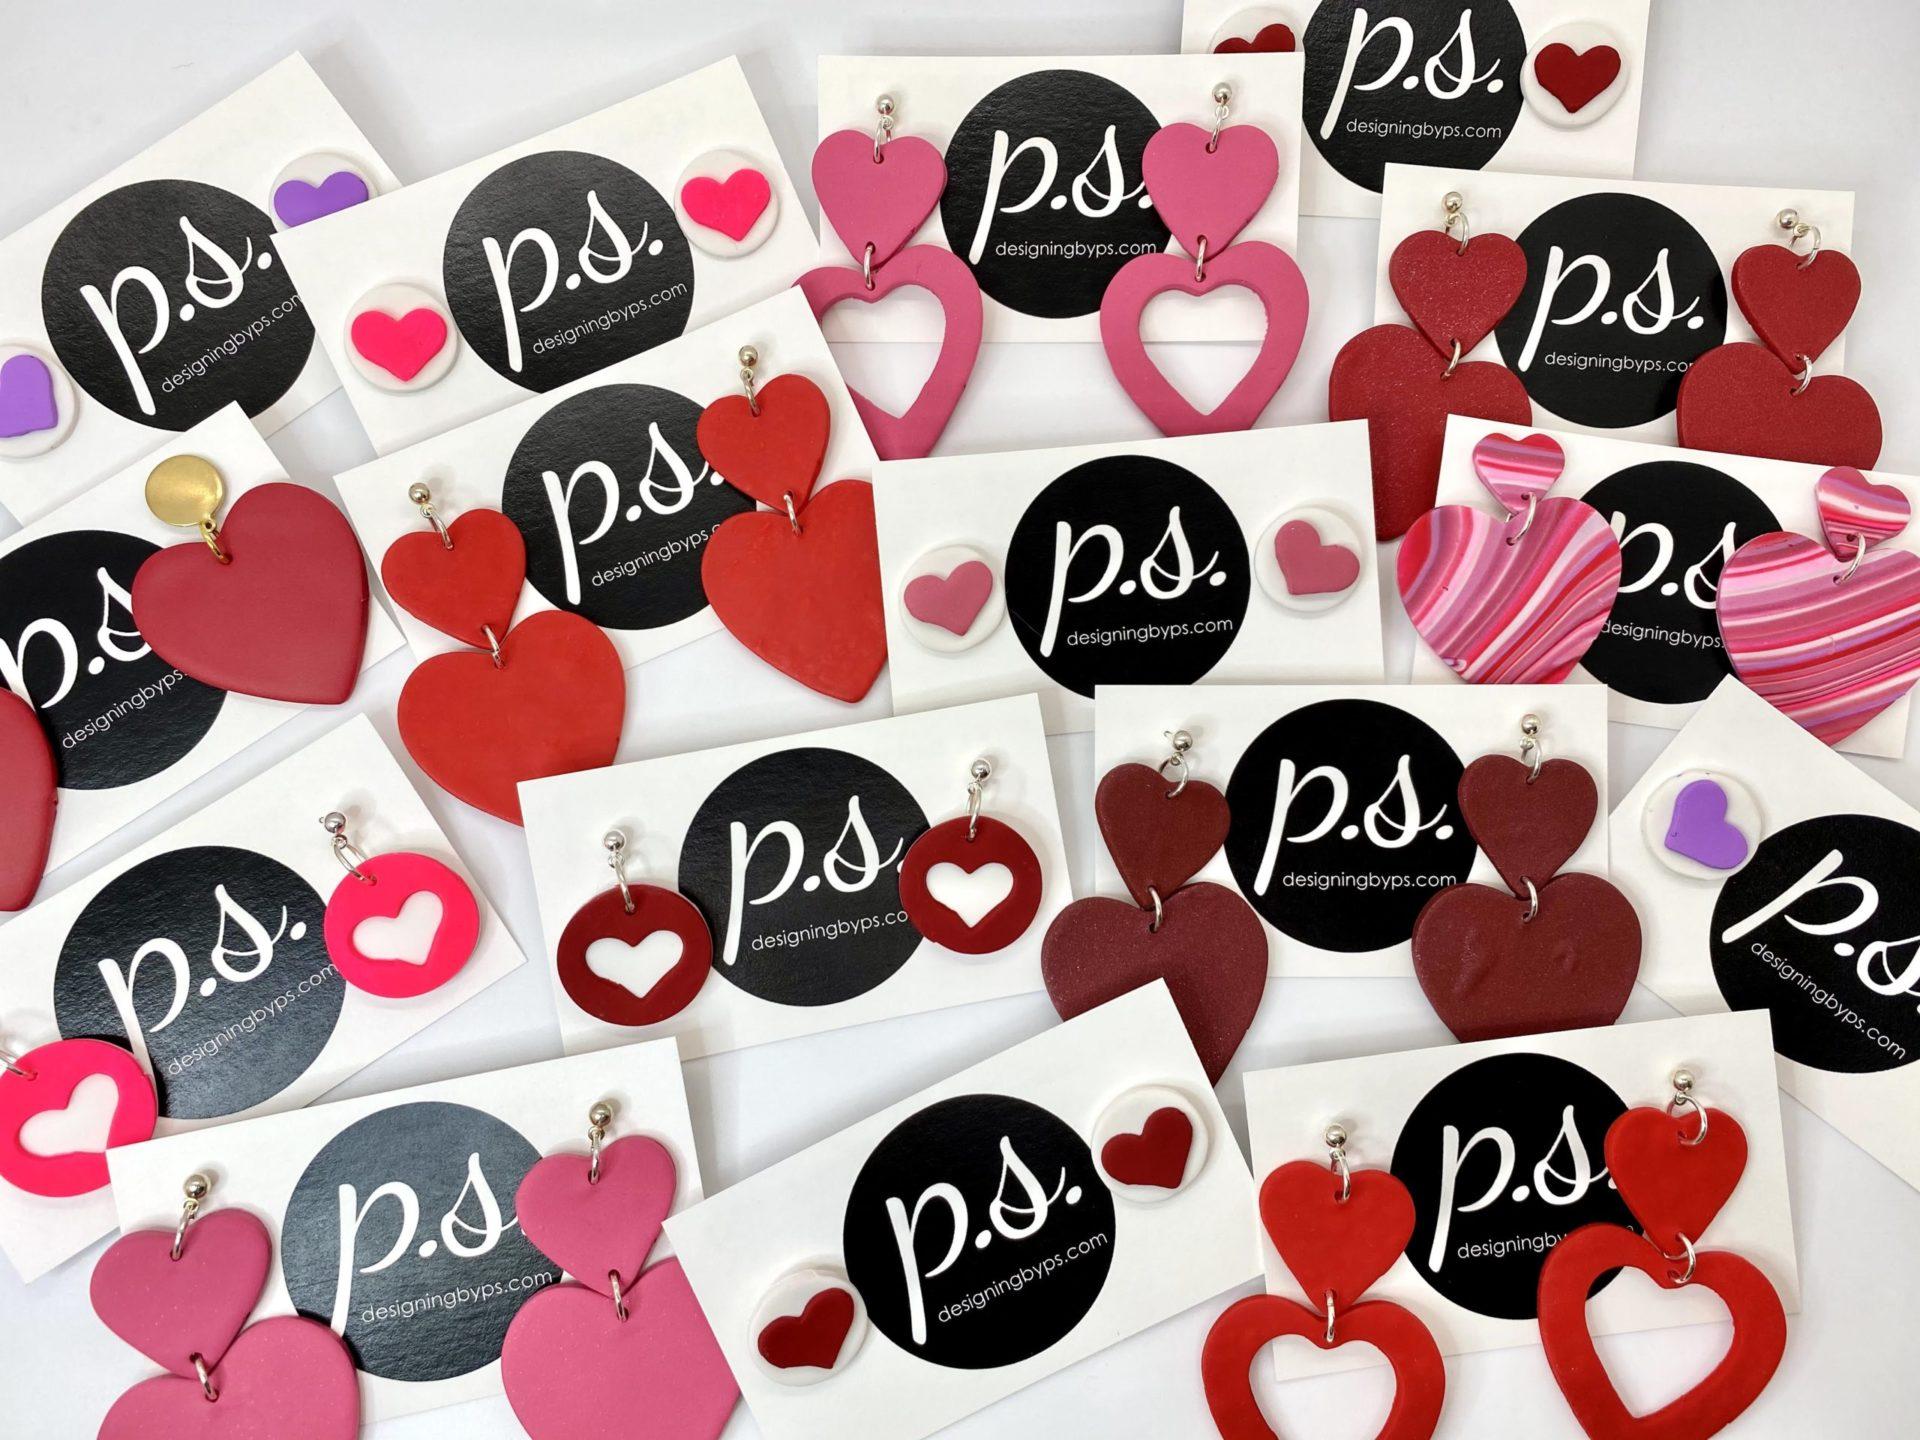 P.S. Designs